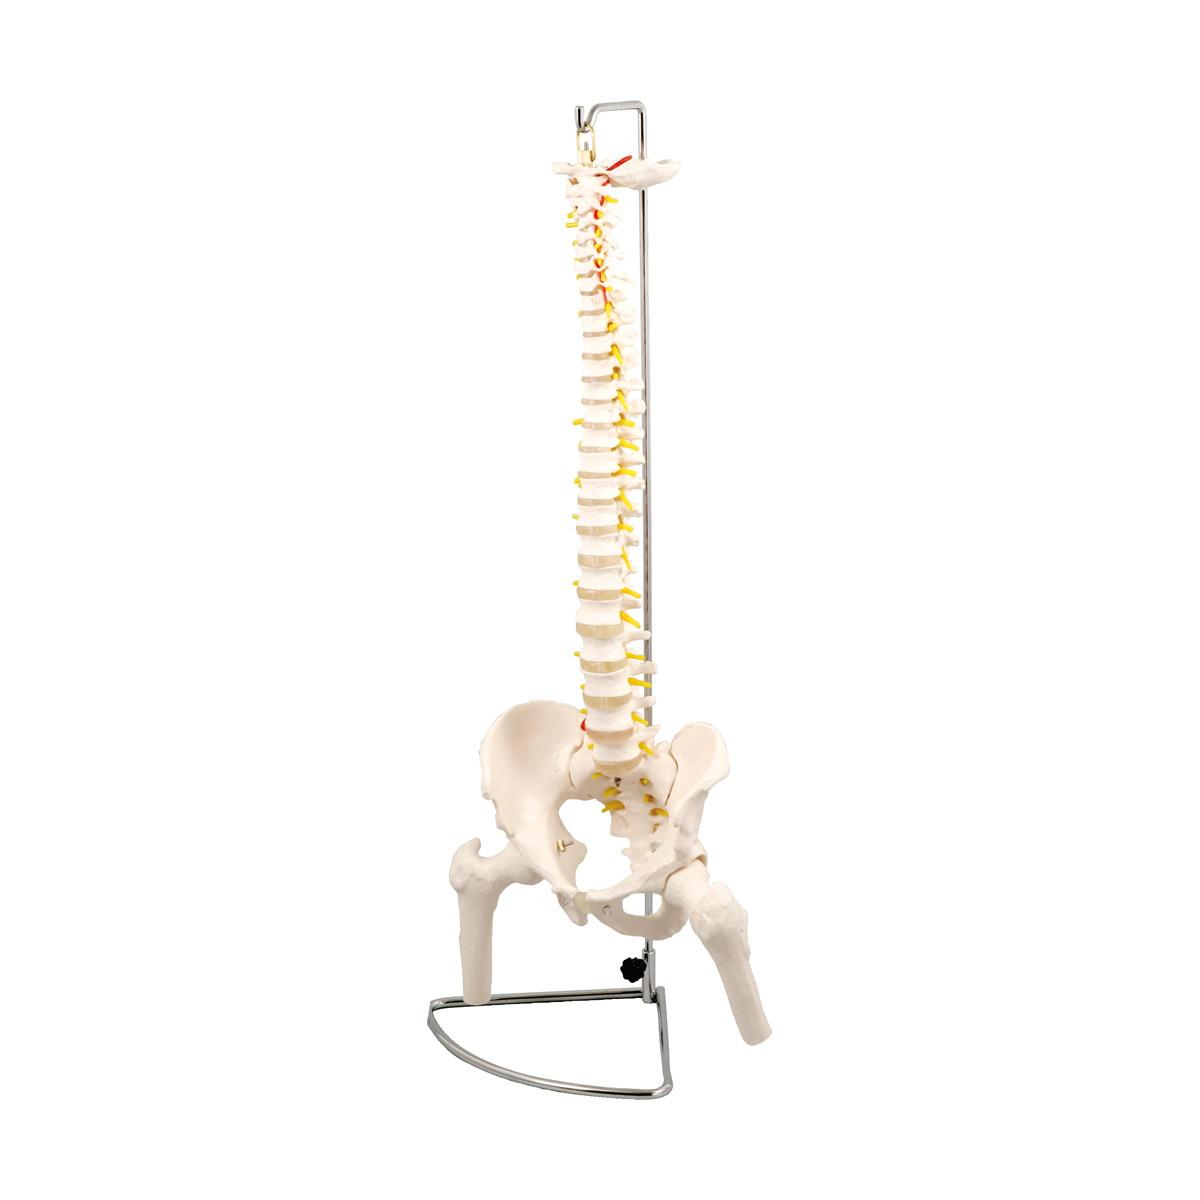 Artec(アーテック) 脊柱模型 大腿骨付 #9710【送料無料】